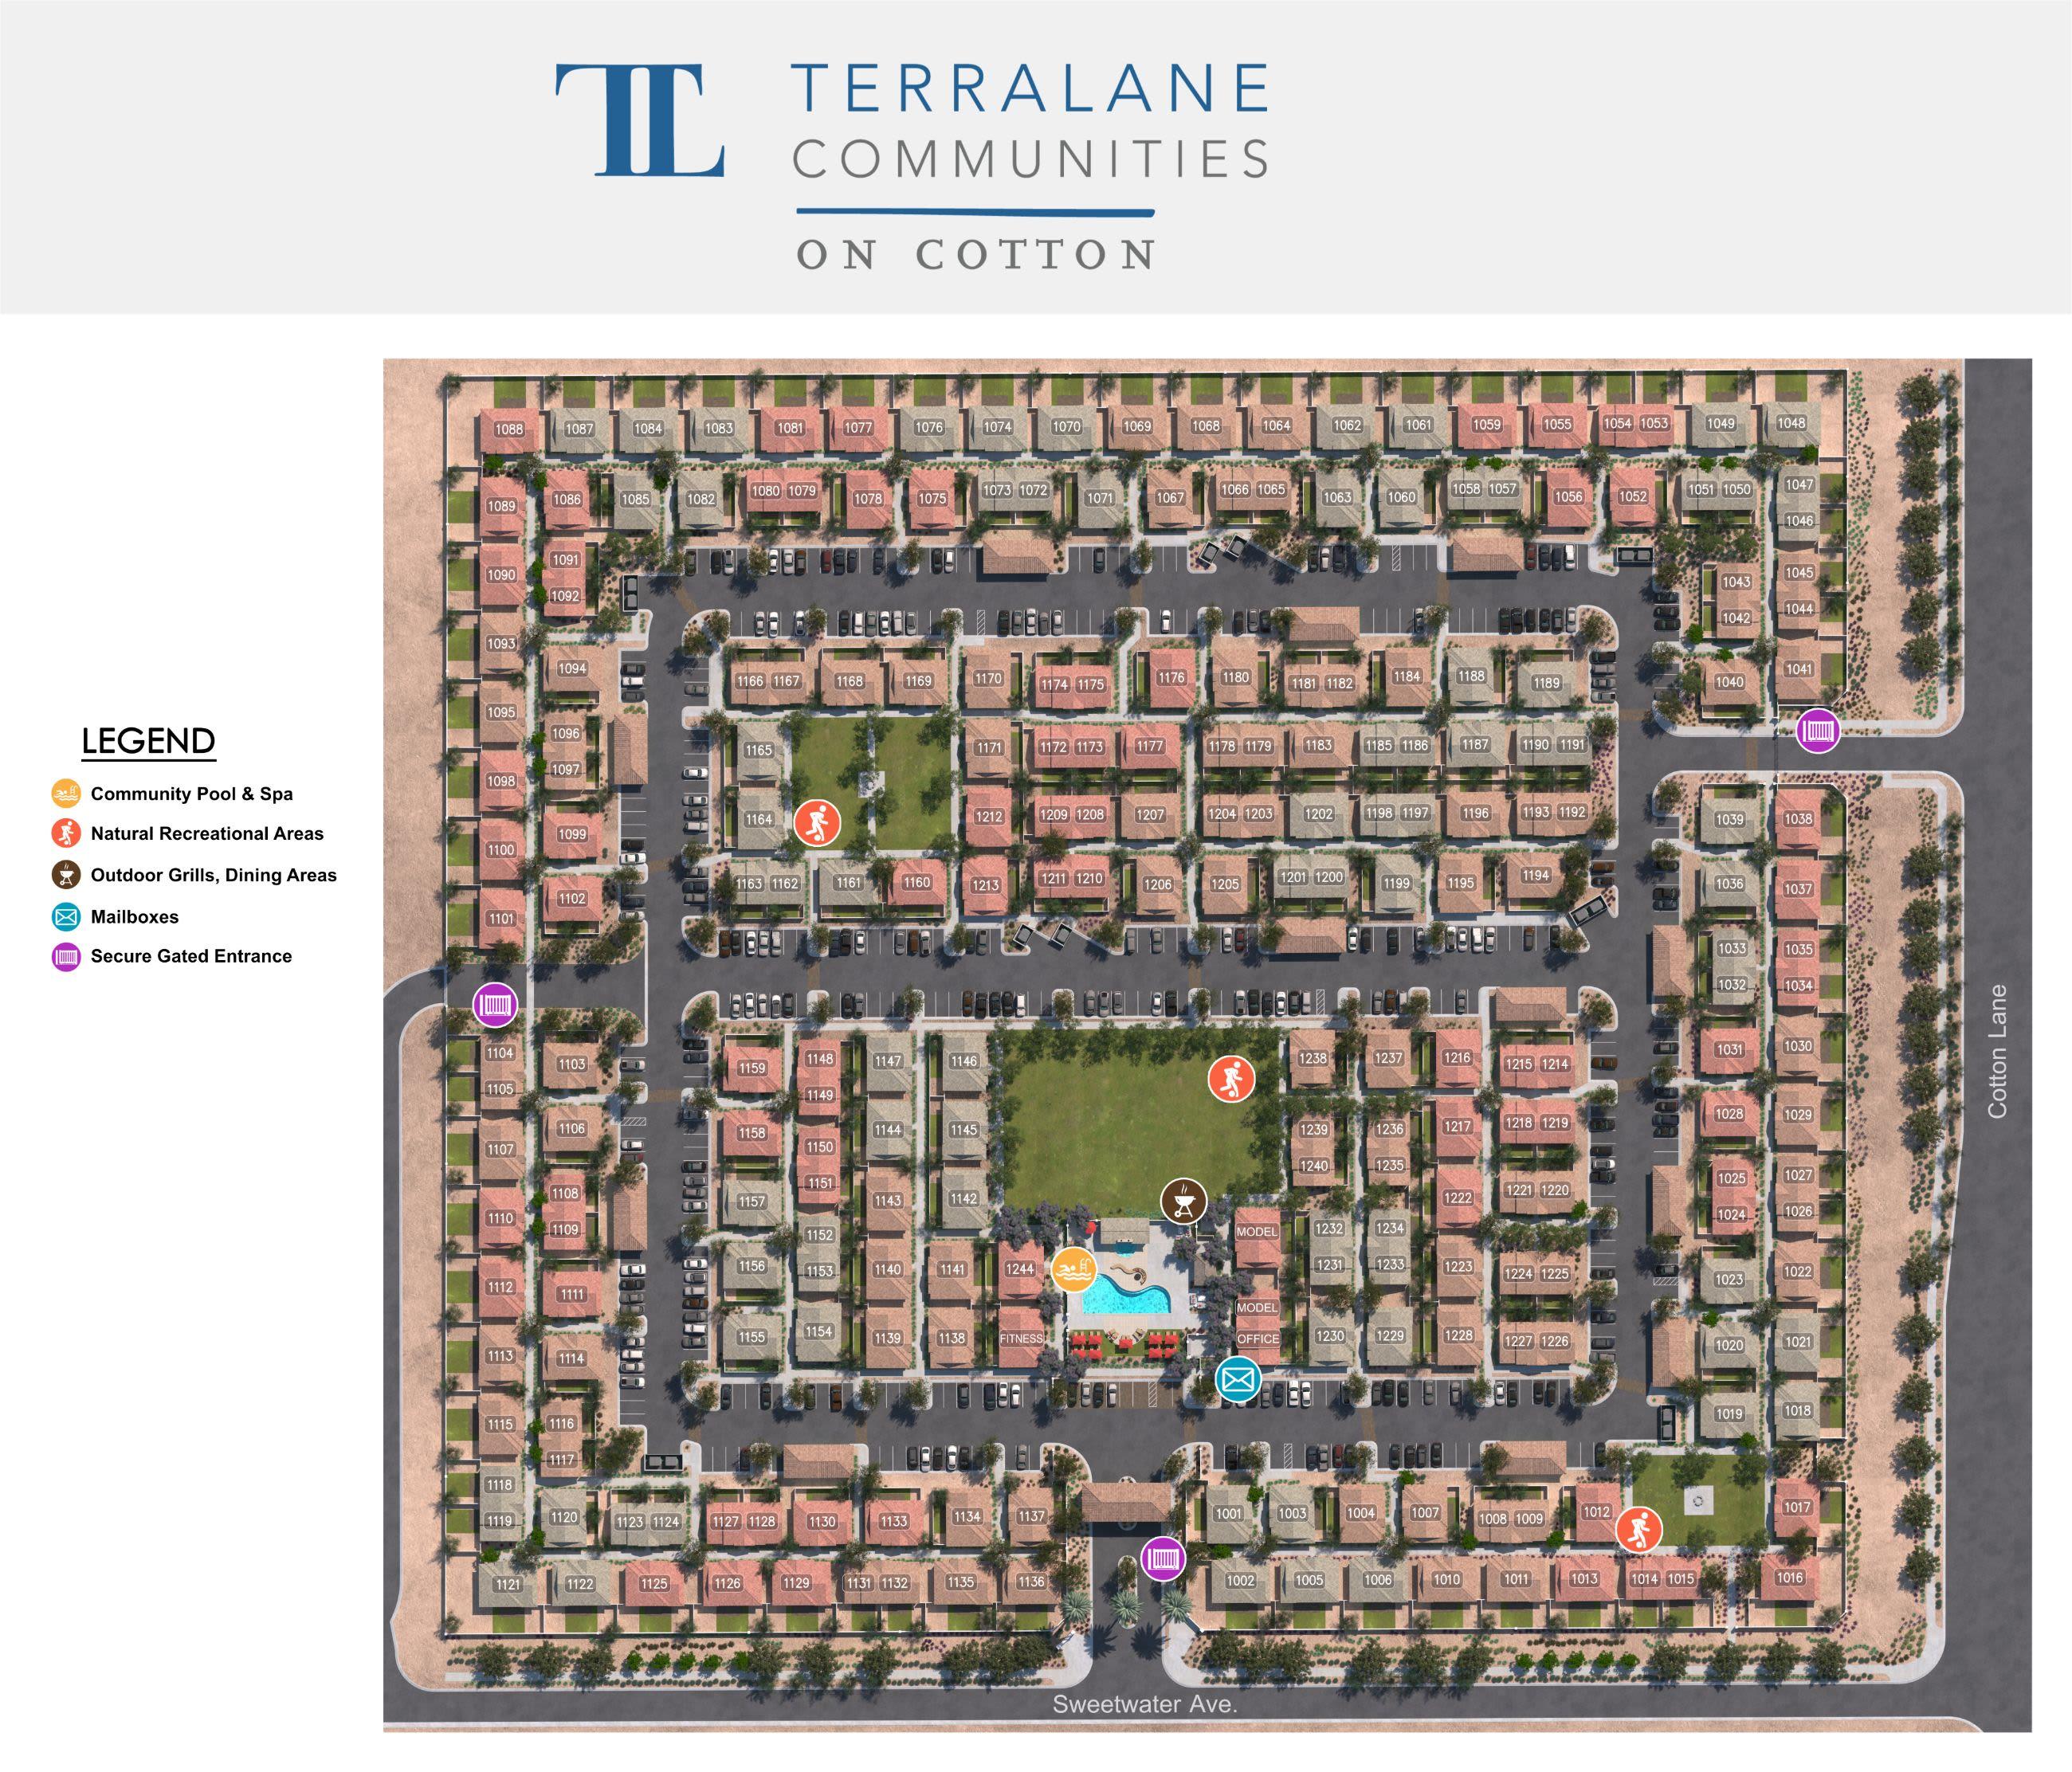 TerraLane on Cotton site plan